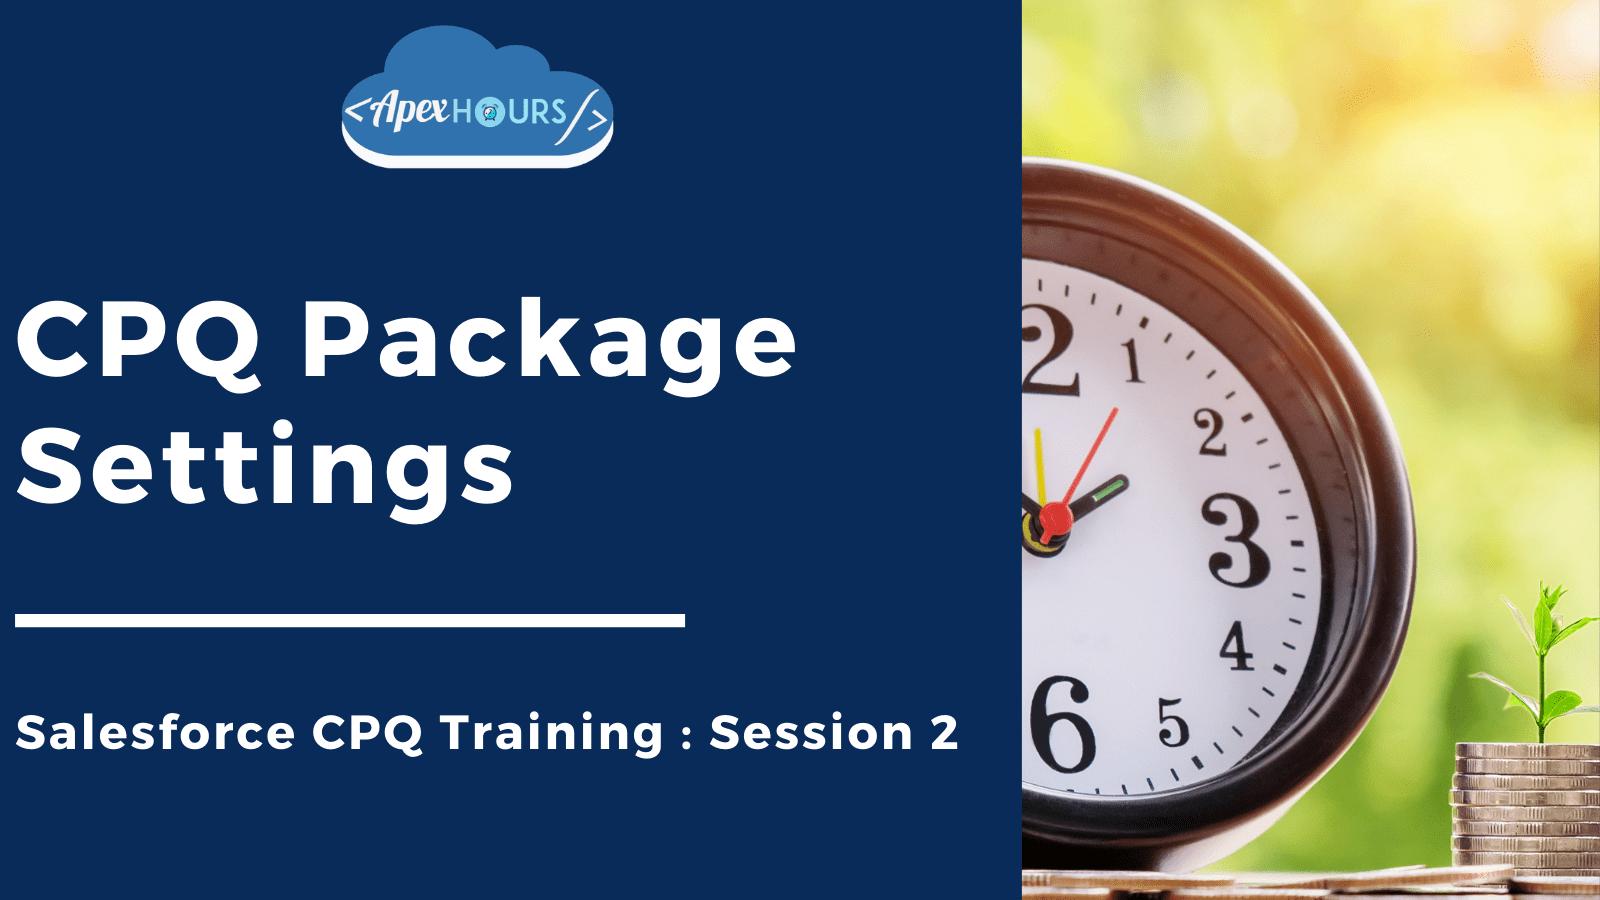 CPQ Package Settings